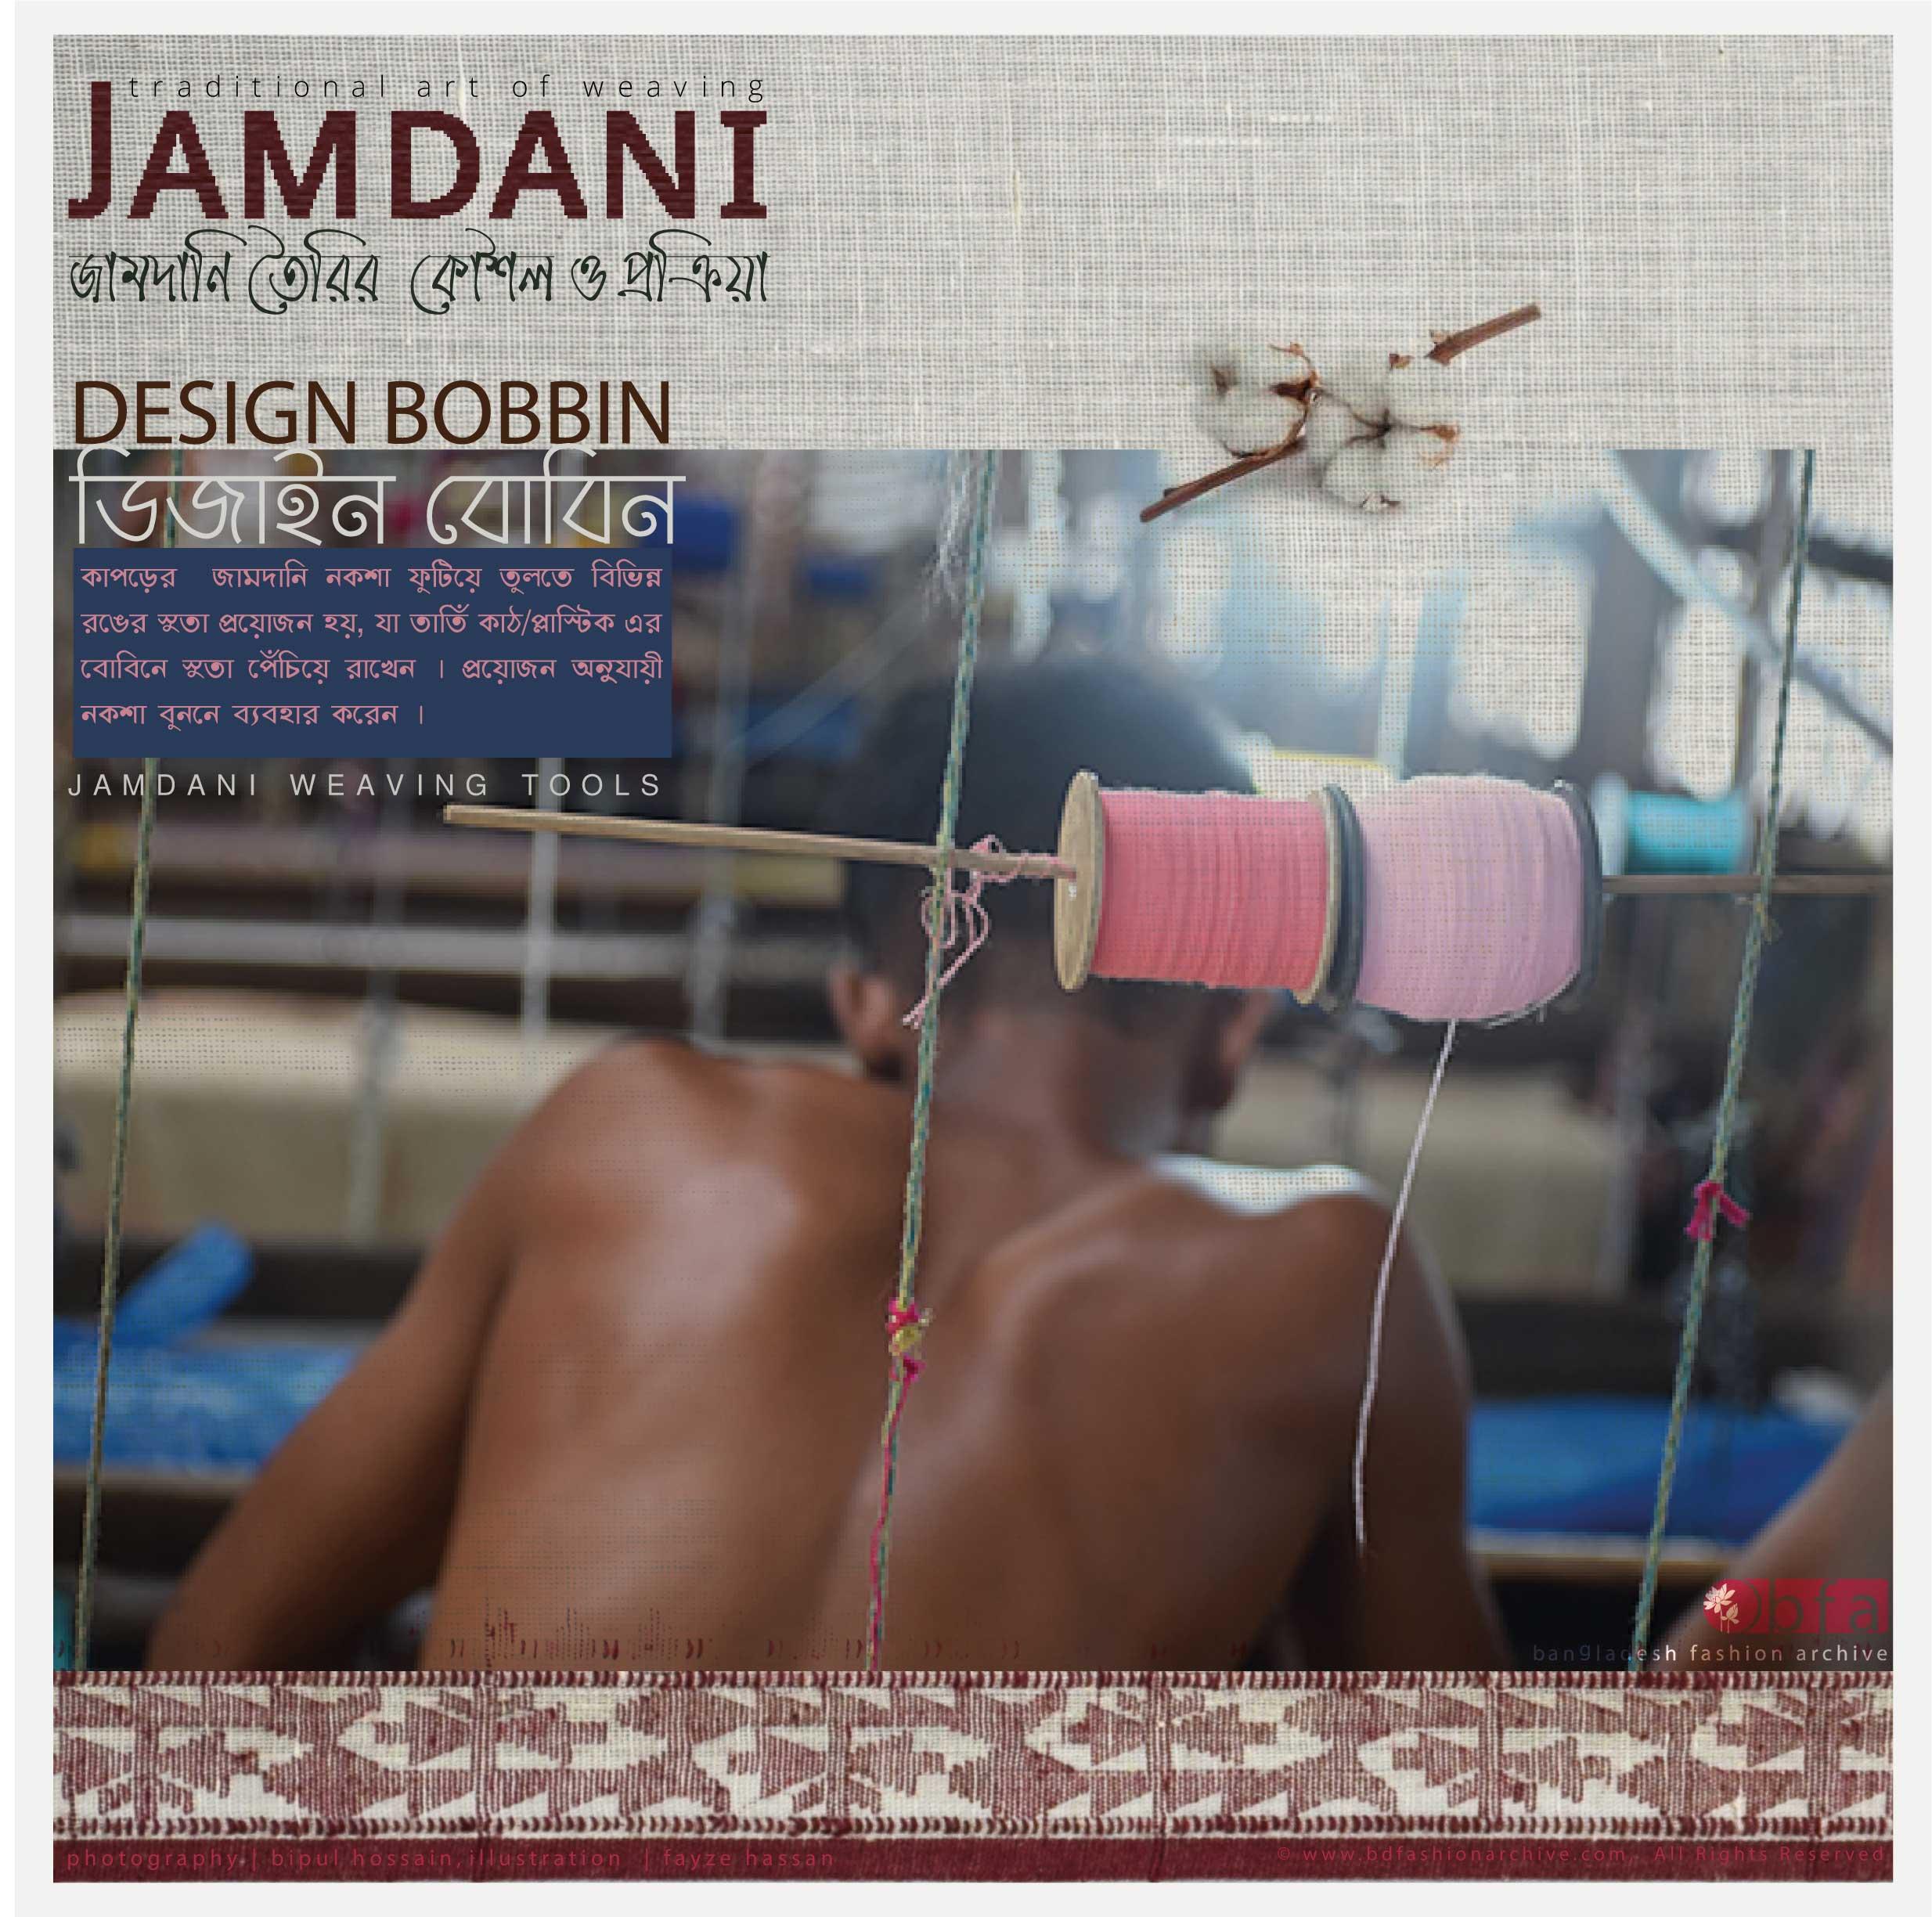 jamdnai tools design bobbin+